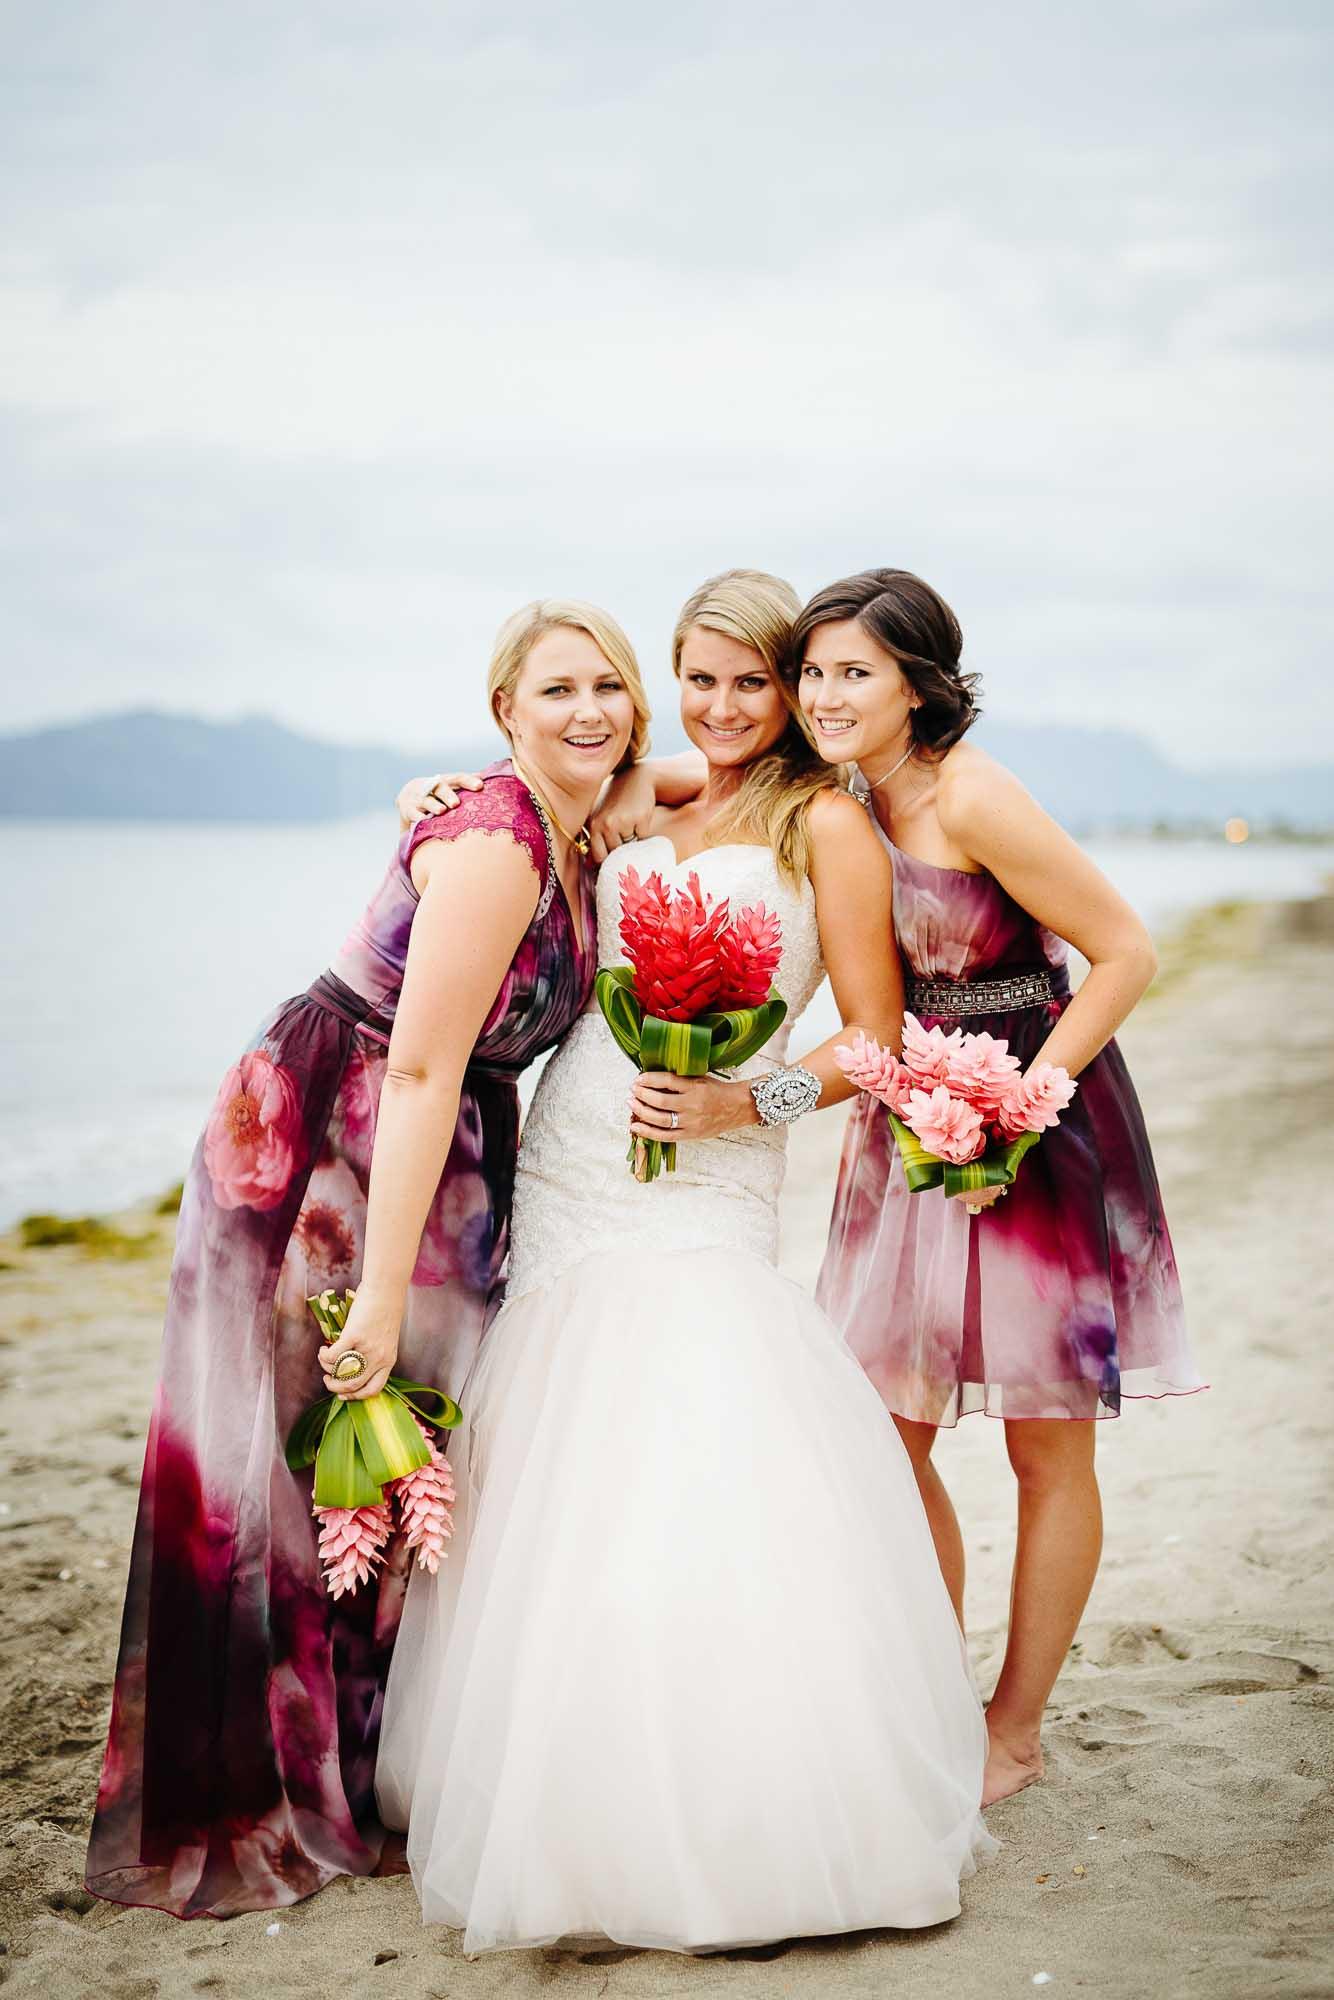 33-Annette-Andrew-Sofitel-Fiji-Wedding-43.jpg